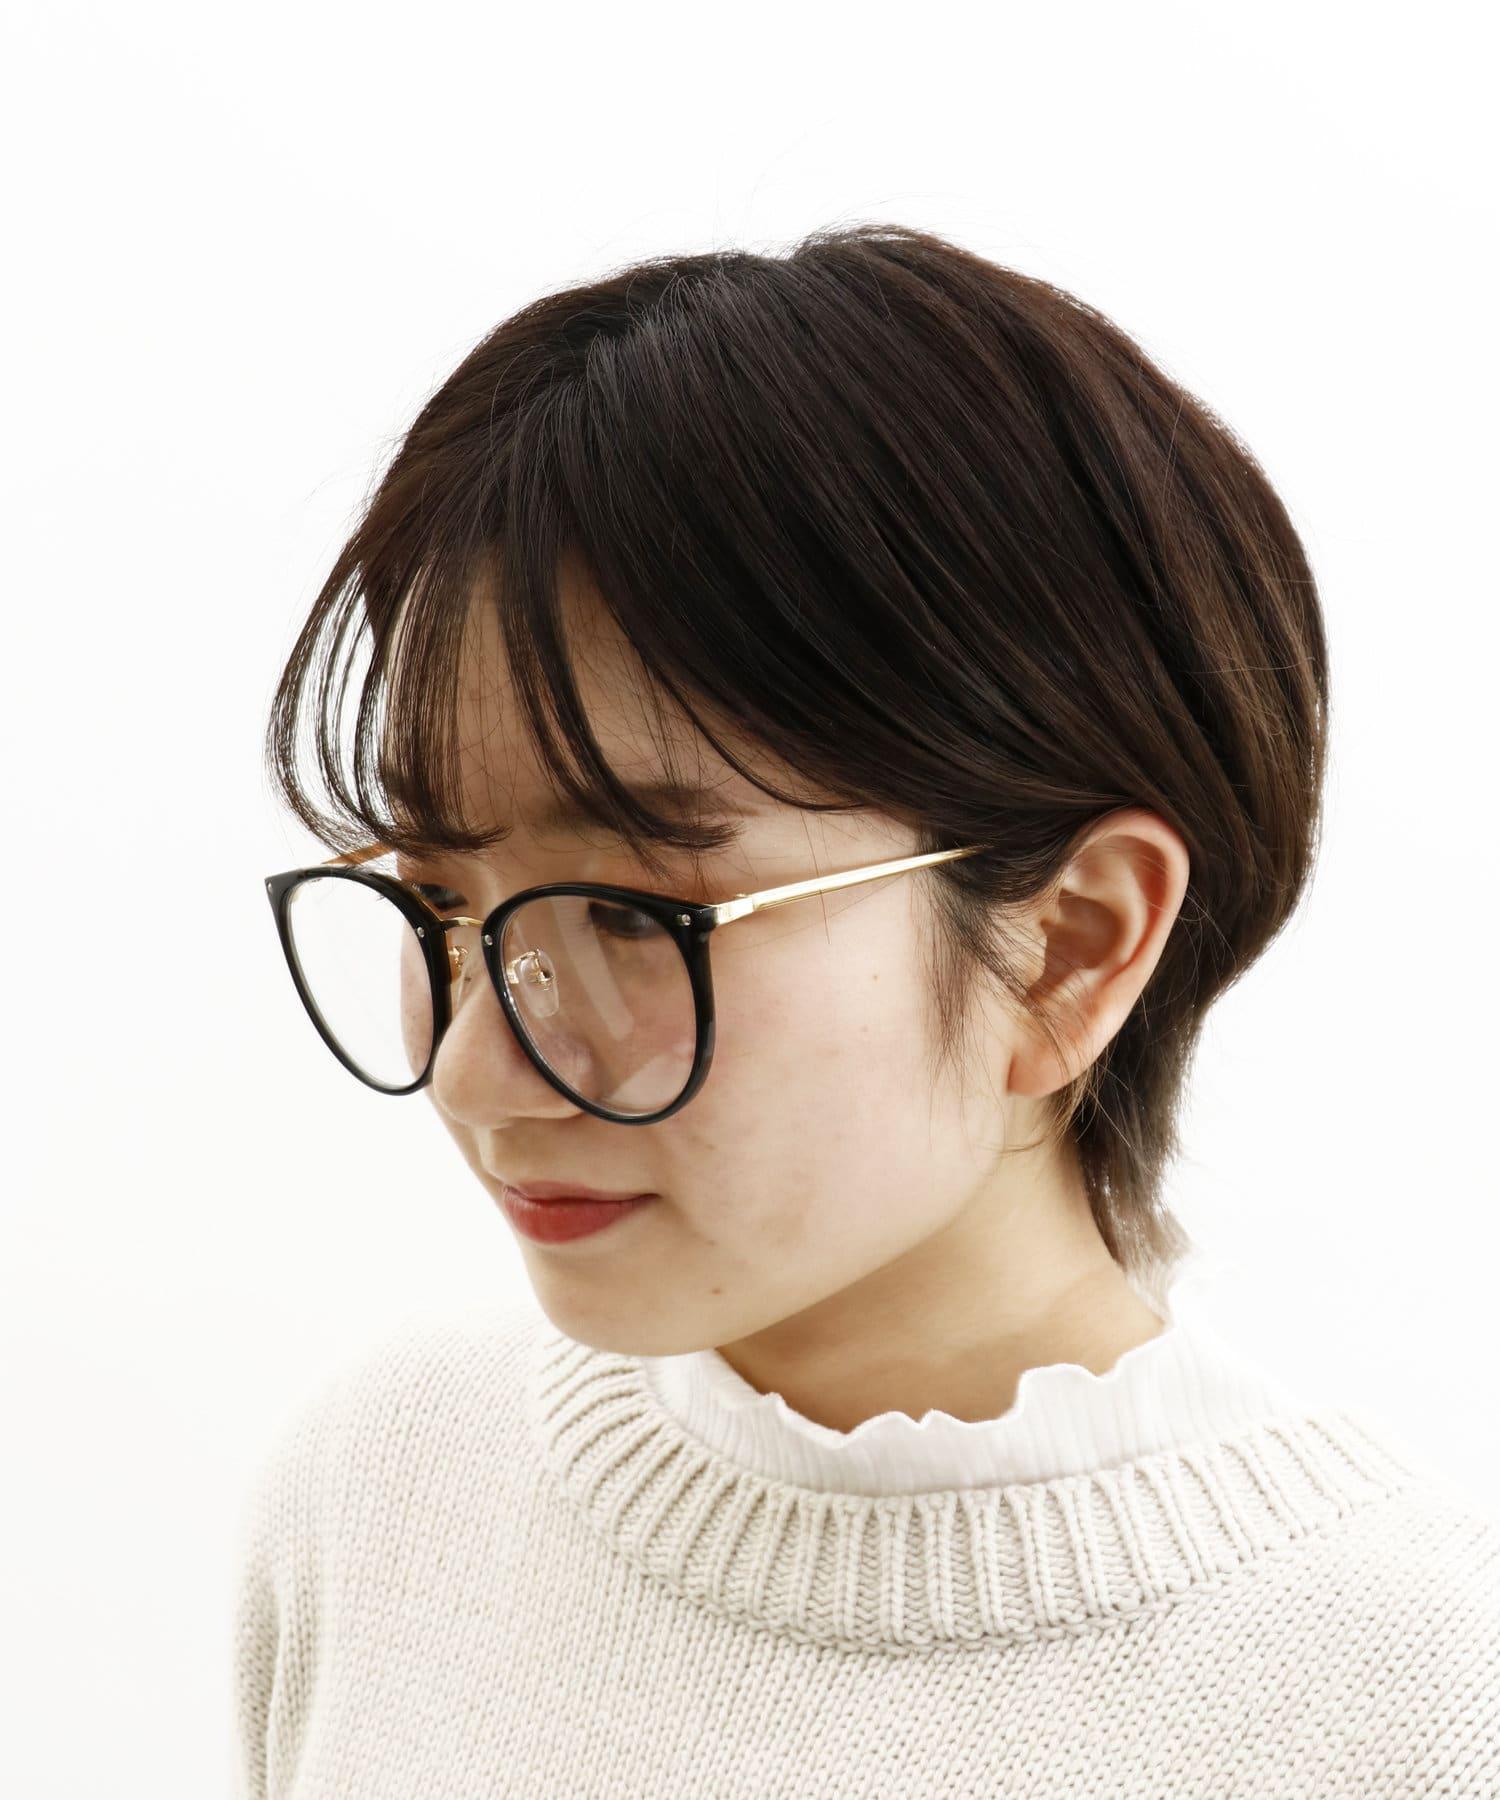 3COINS(スリーコインズ) 【ASOKO】<WEB限定SALE>ナタリーのメガネ